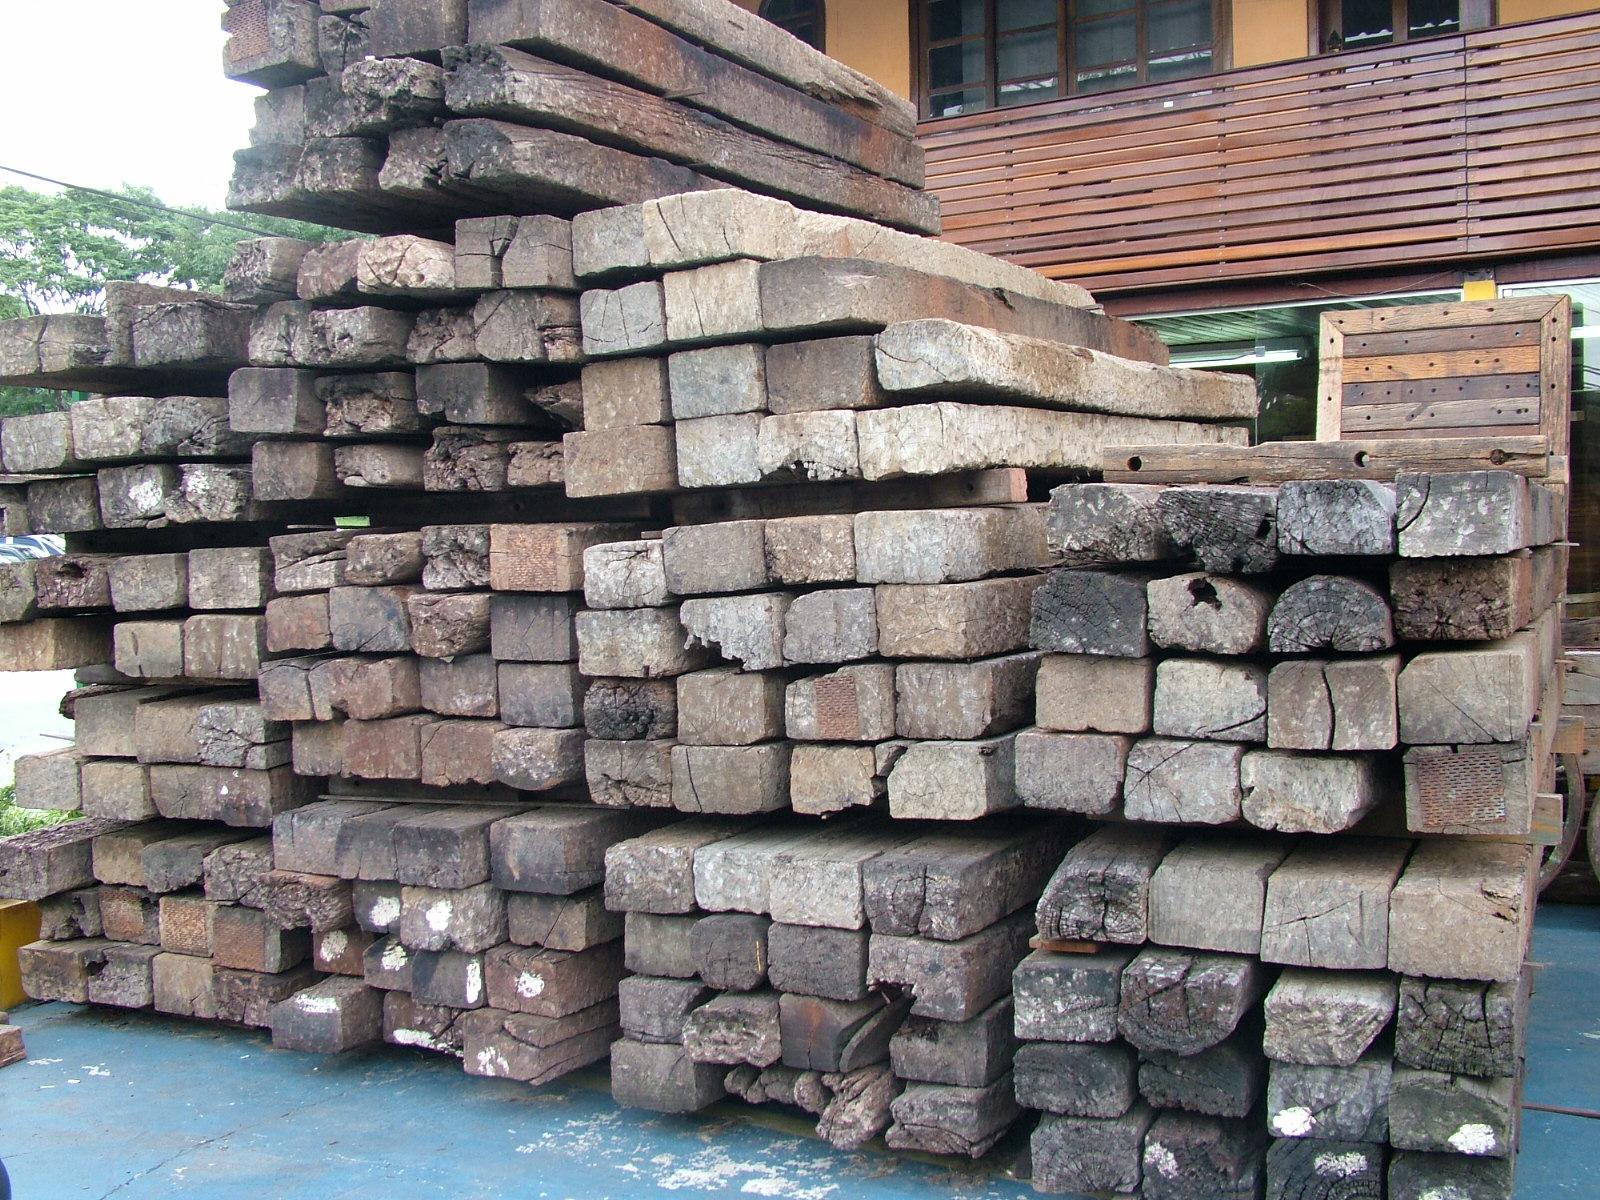 In: Dormentes de Madeira Madeira de Demolição 2 Comments #3A6F91 1600x1200